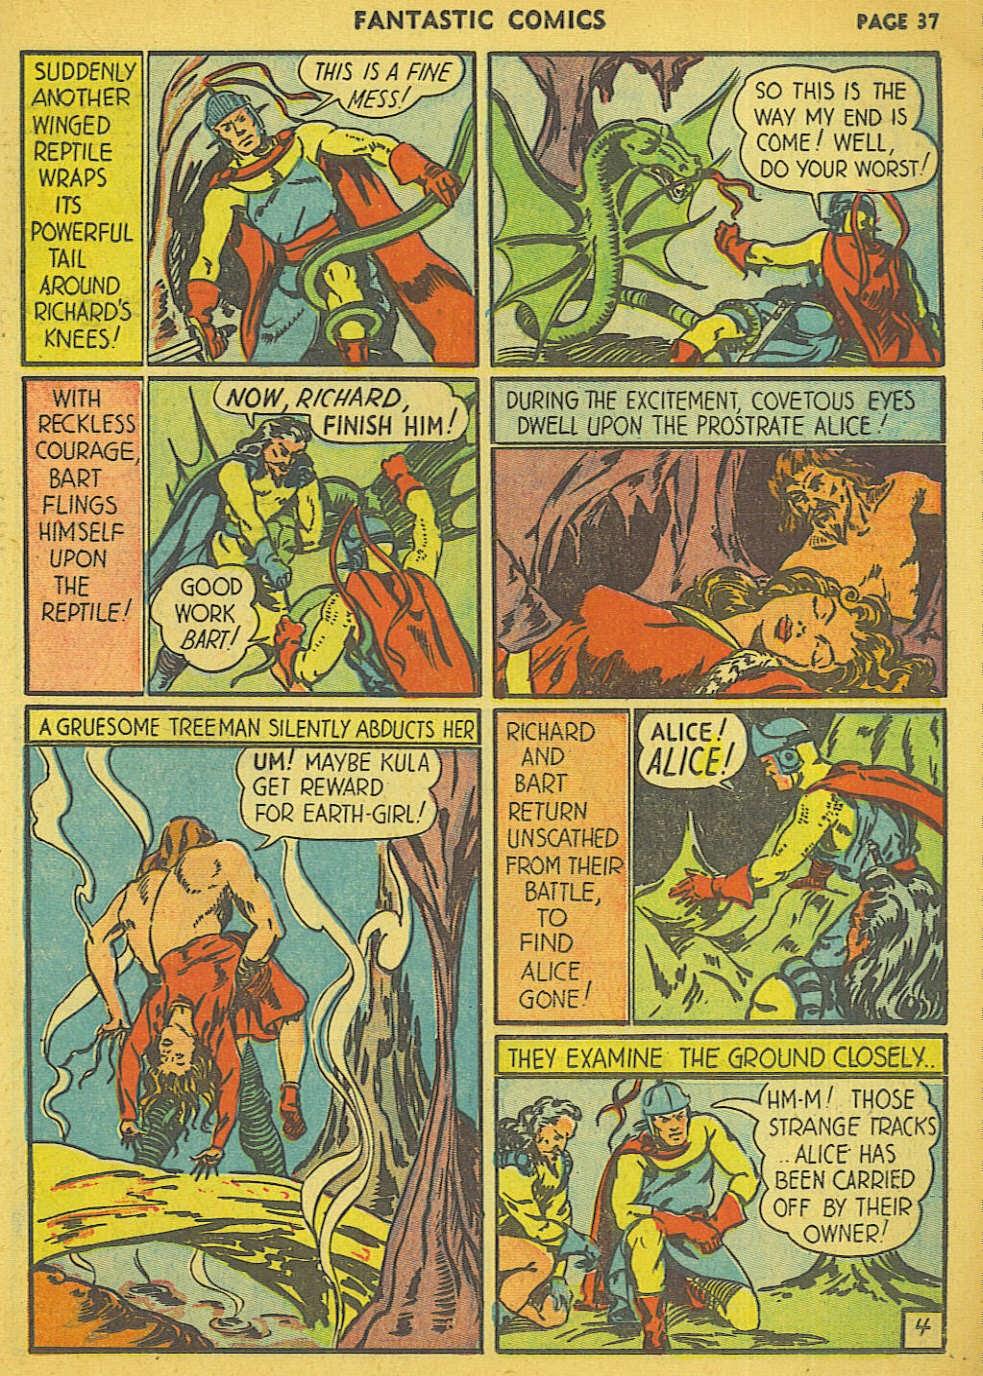 Read online Fantastic Comics comic -  Issue #15 - 30